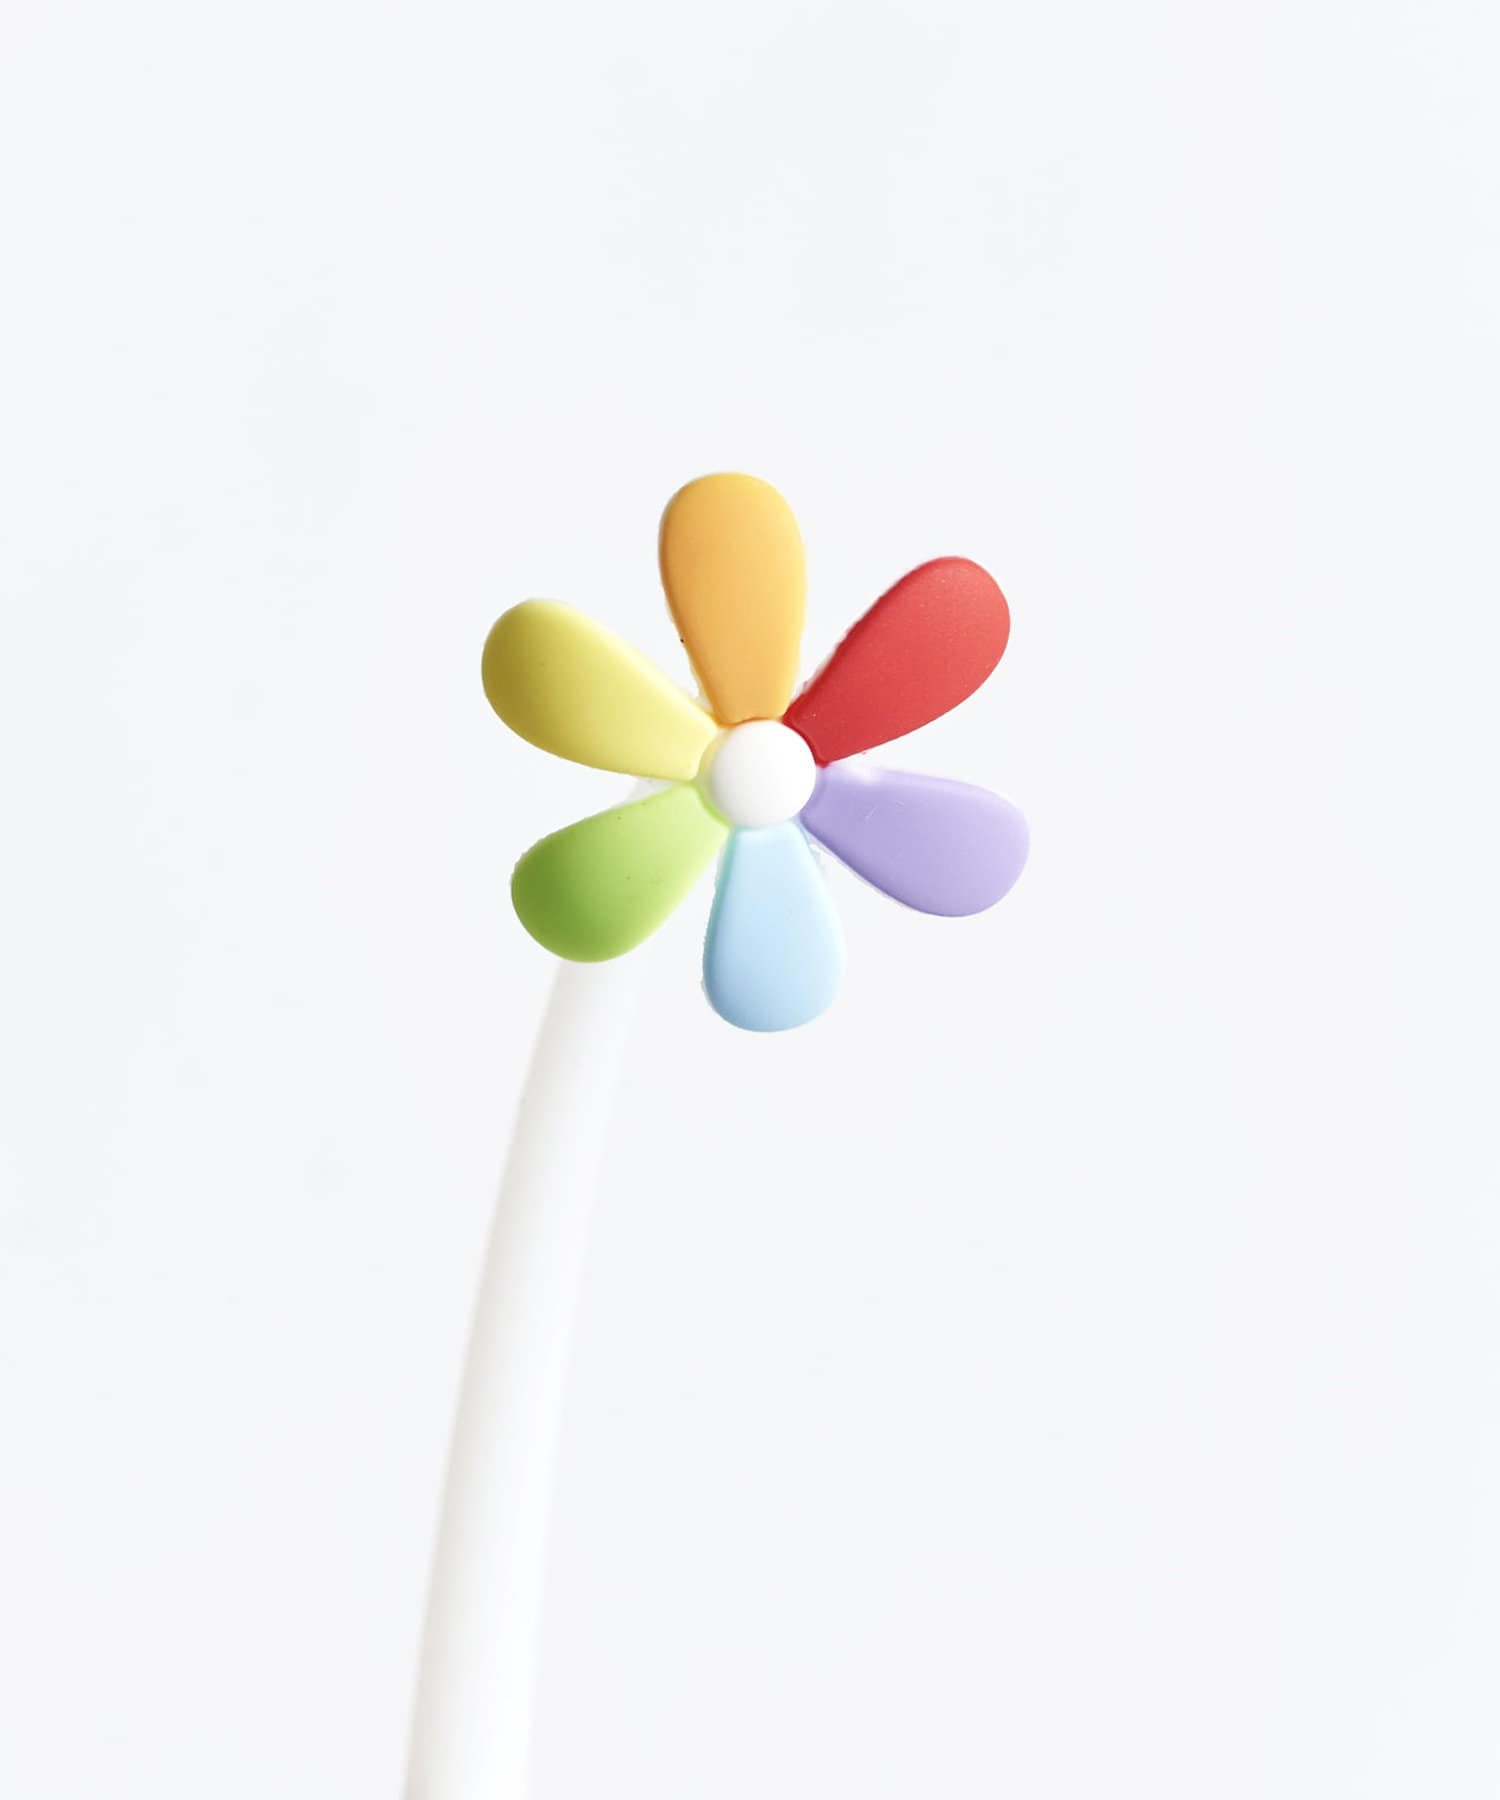 3COINS(スリーコインズ) 【ASOKO】ふにゃふにゃカラフル花ボールペン